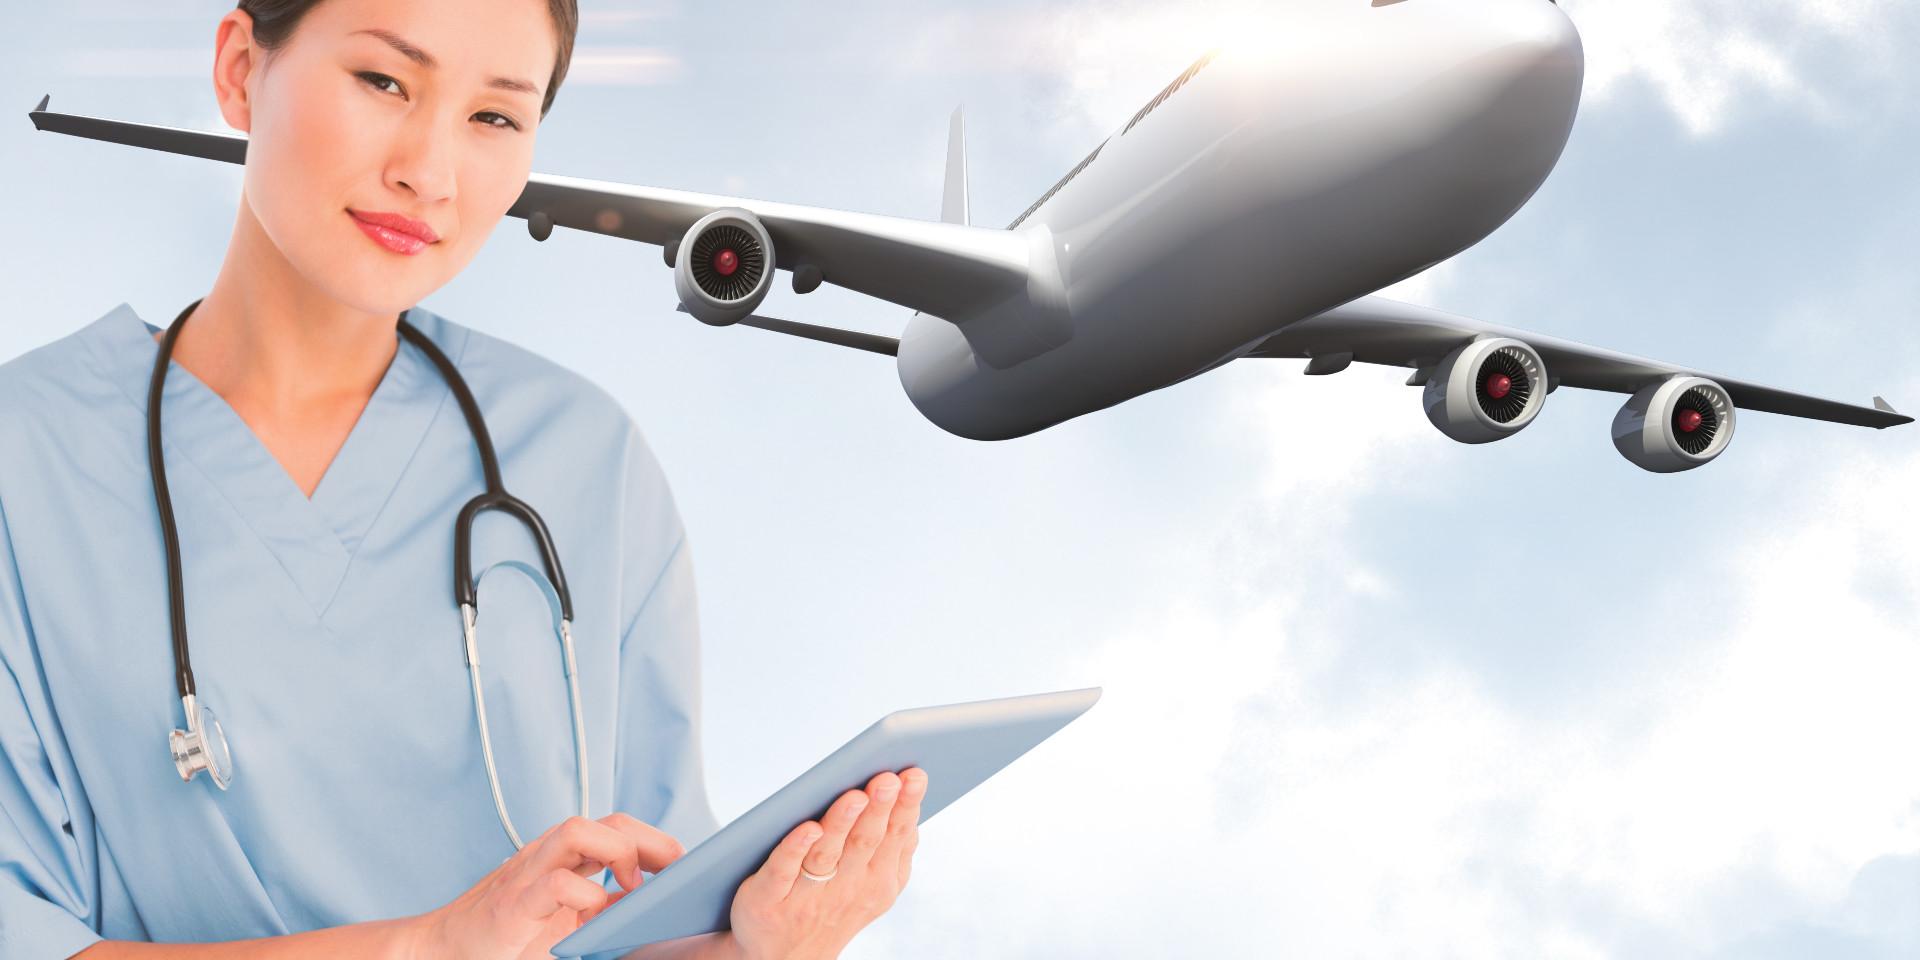 Global Medical Tourism Services Market